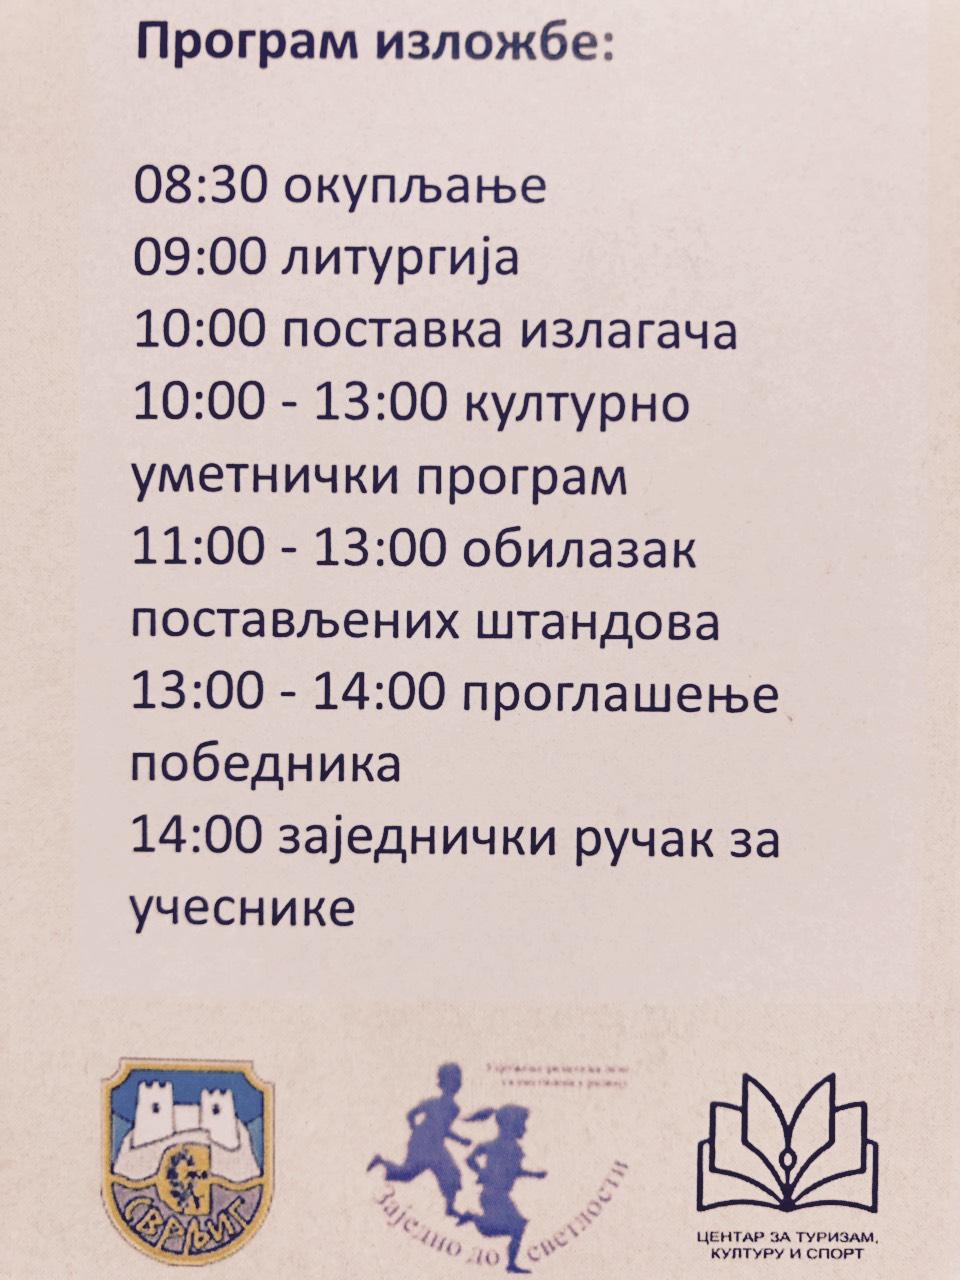 Program, foto: Svrljiške novine